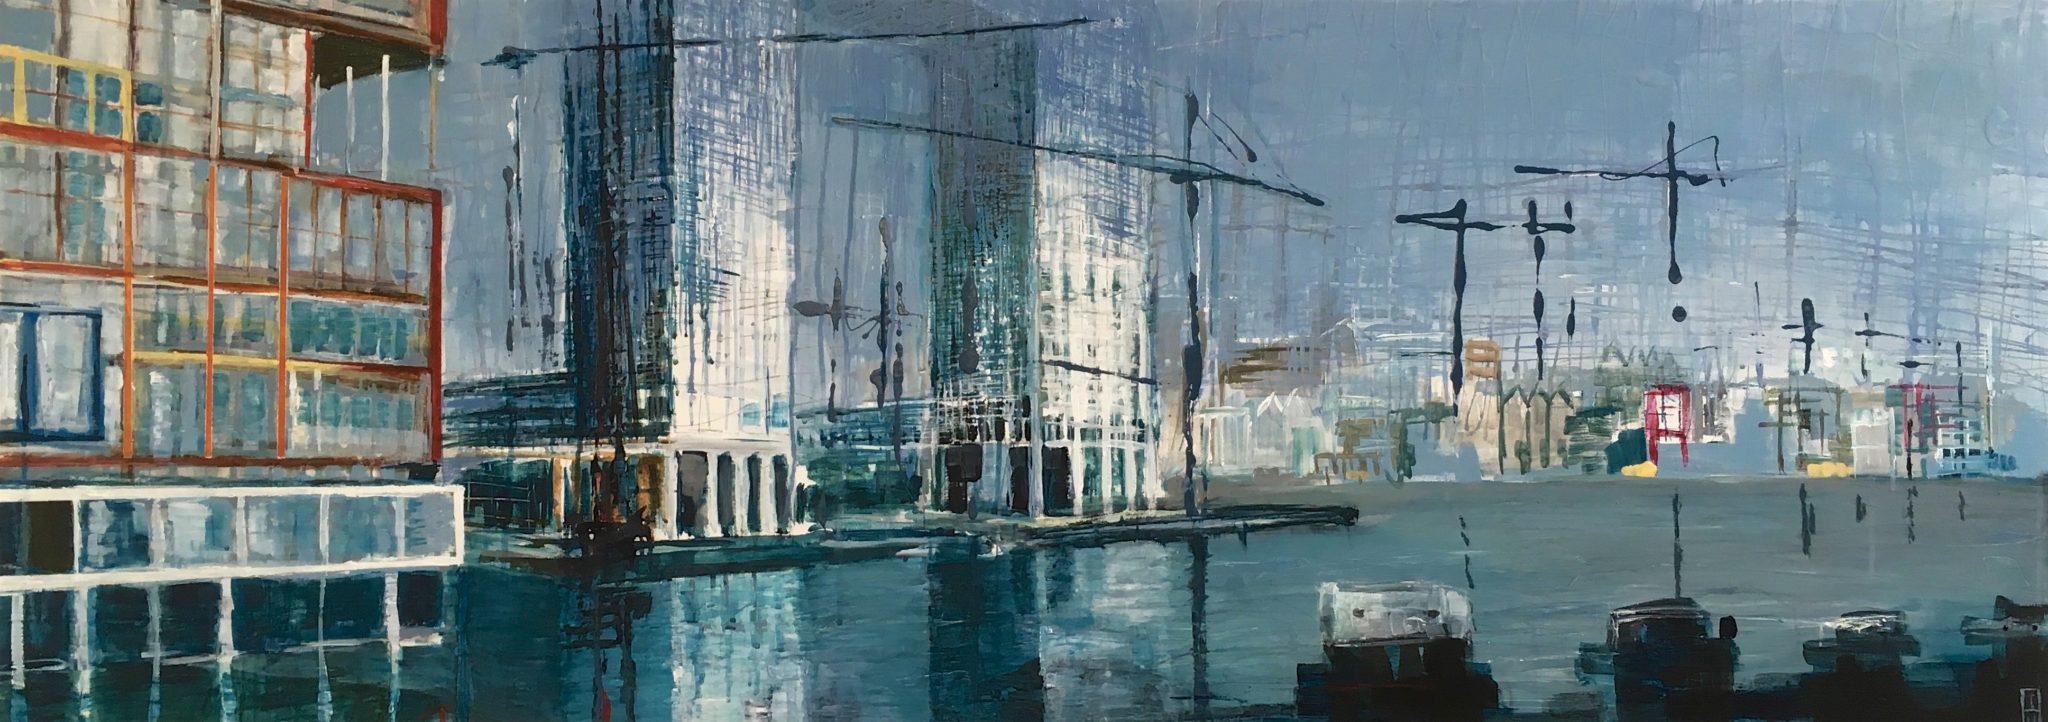 Hout Havens | gemengde techniek op doek | 60 x 180 cm | particuliere collectie